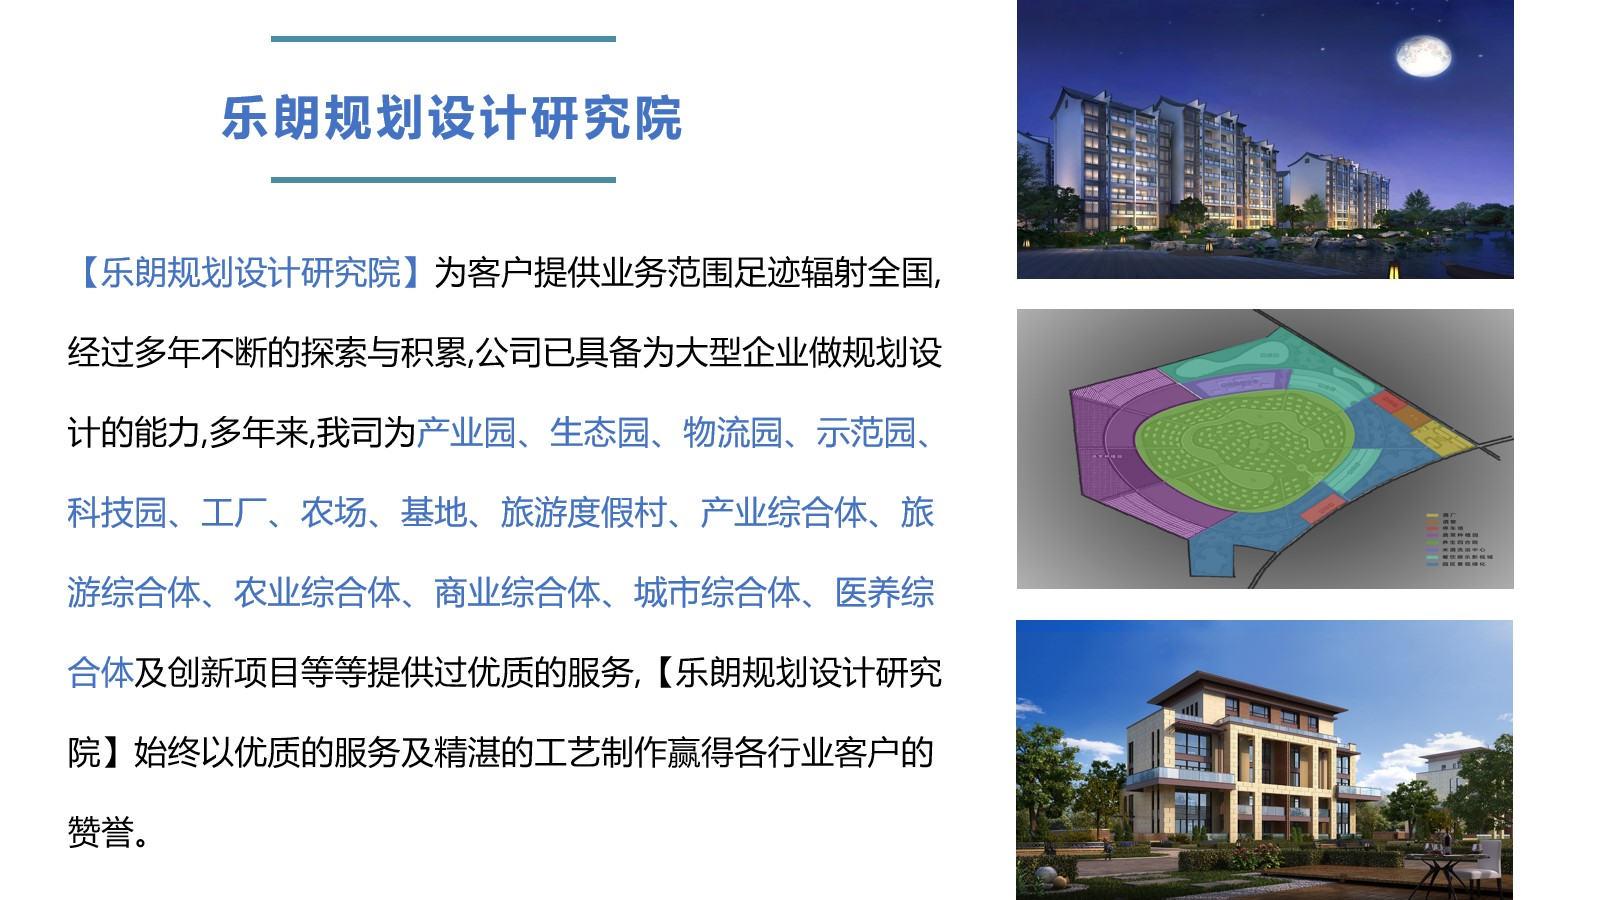 神农架能做旅游景区规划设计的公司